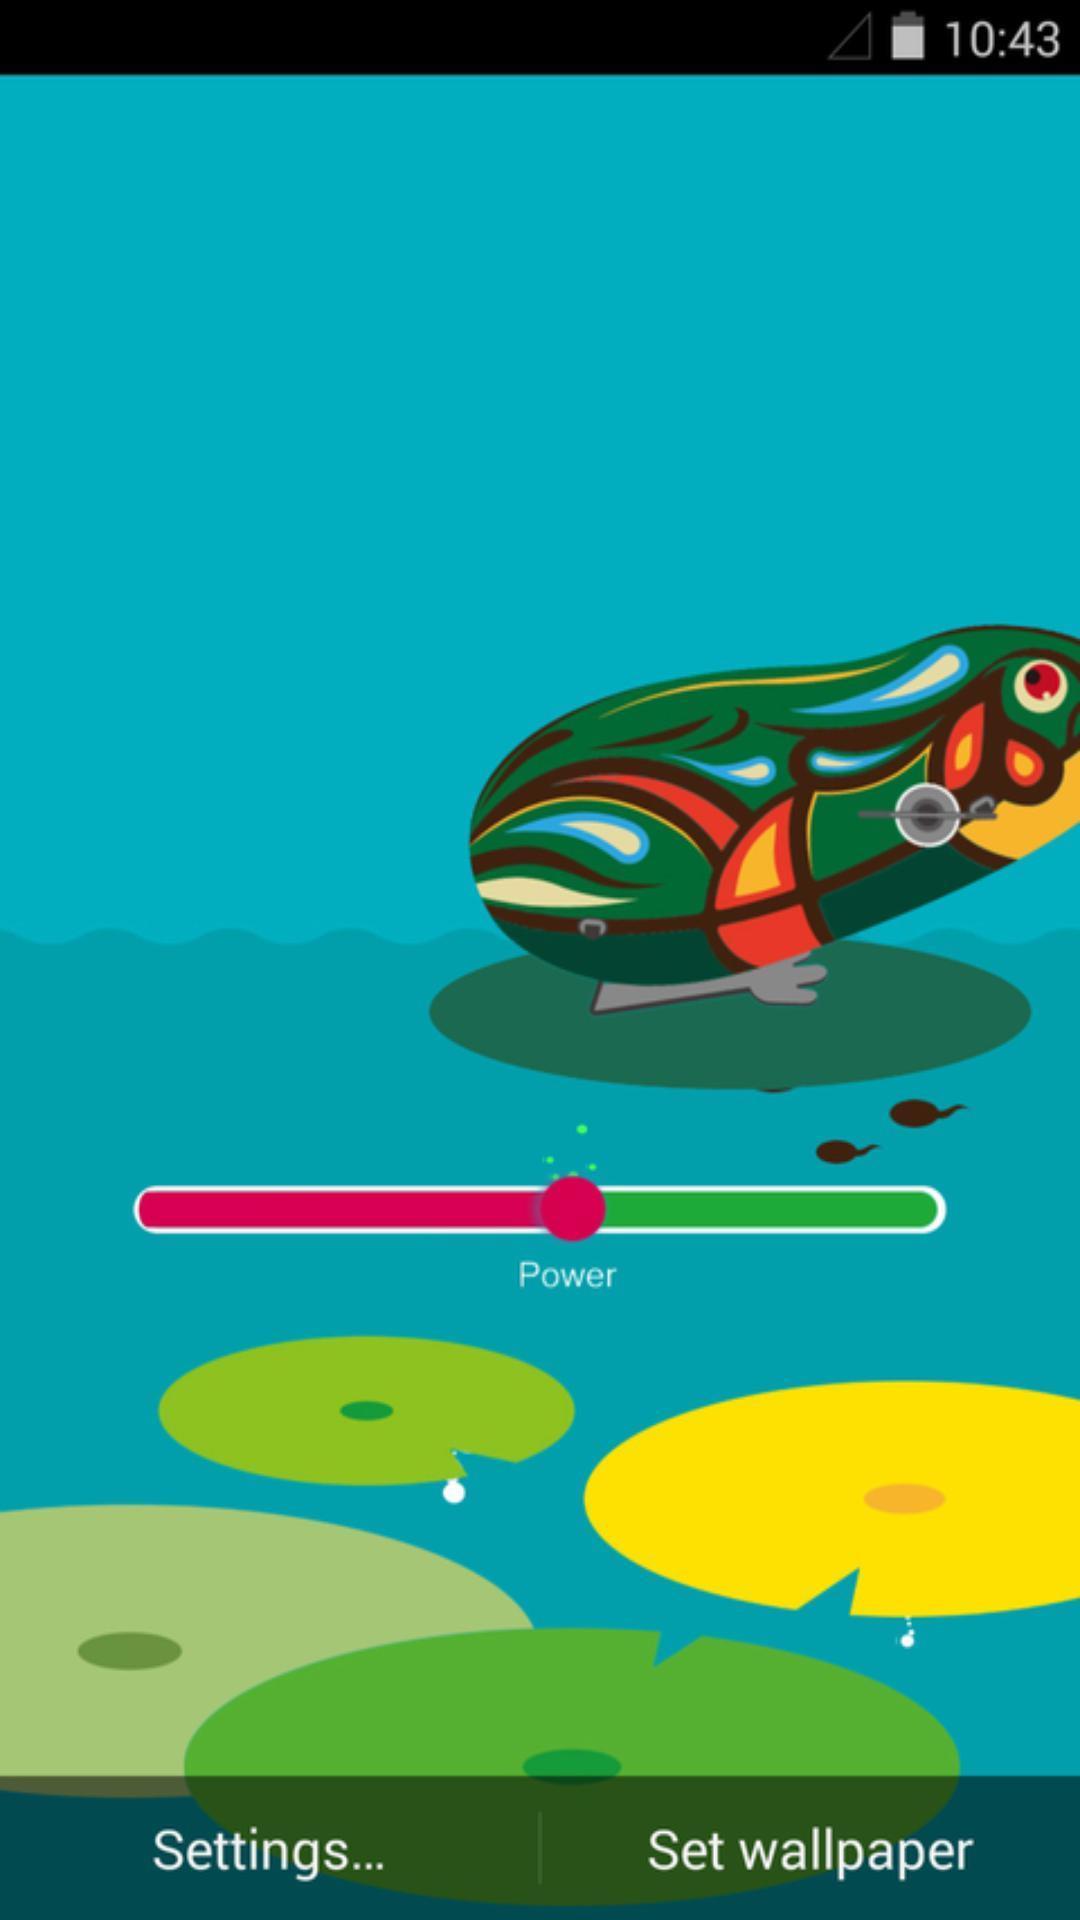 铁皮青蛙-梦象动态壁纸